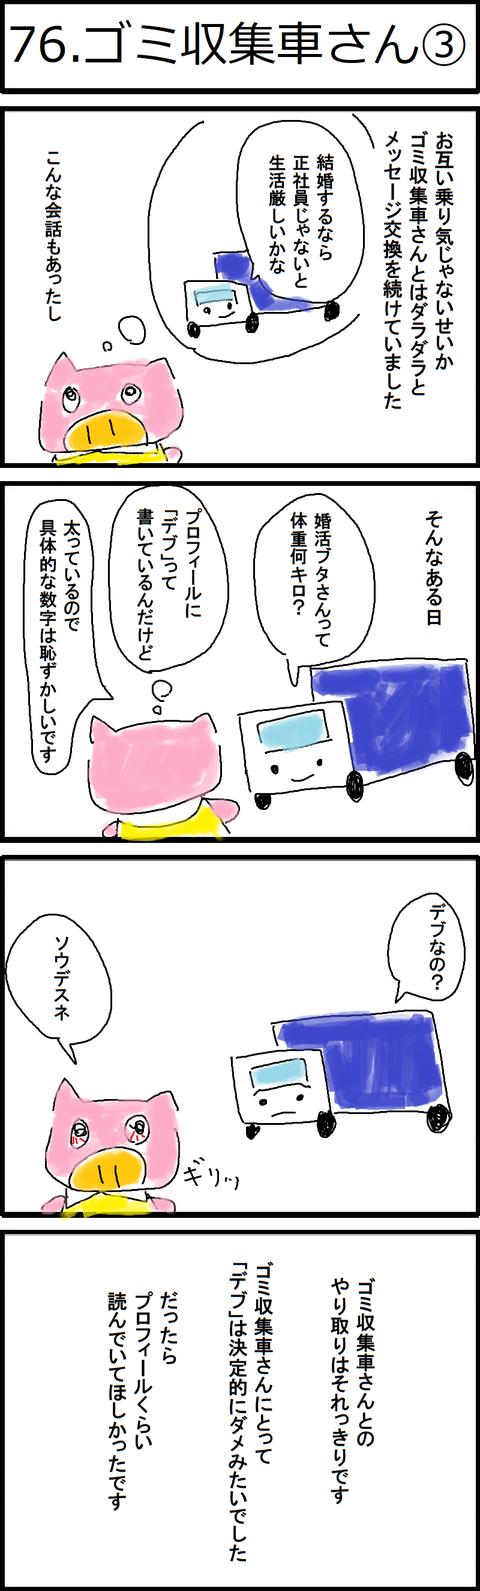 76.ゴミ収集車さん③